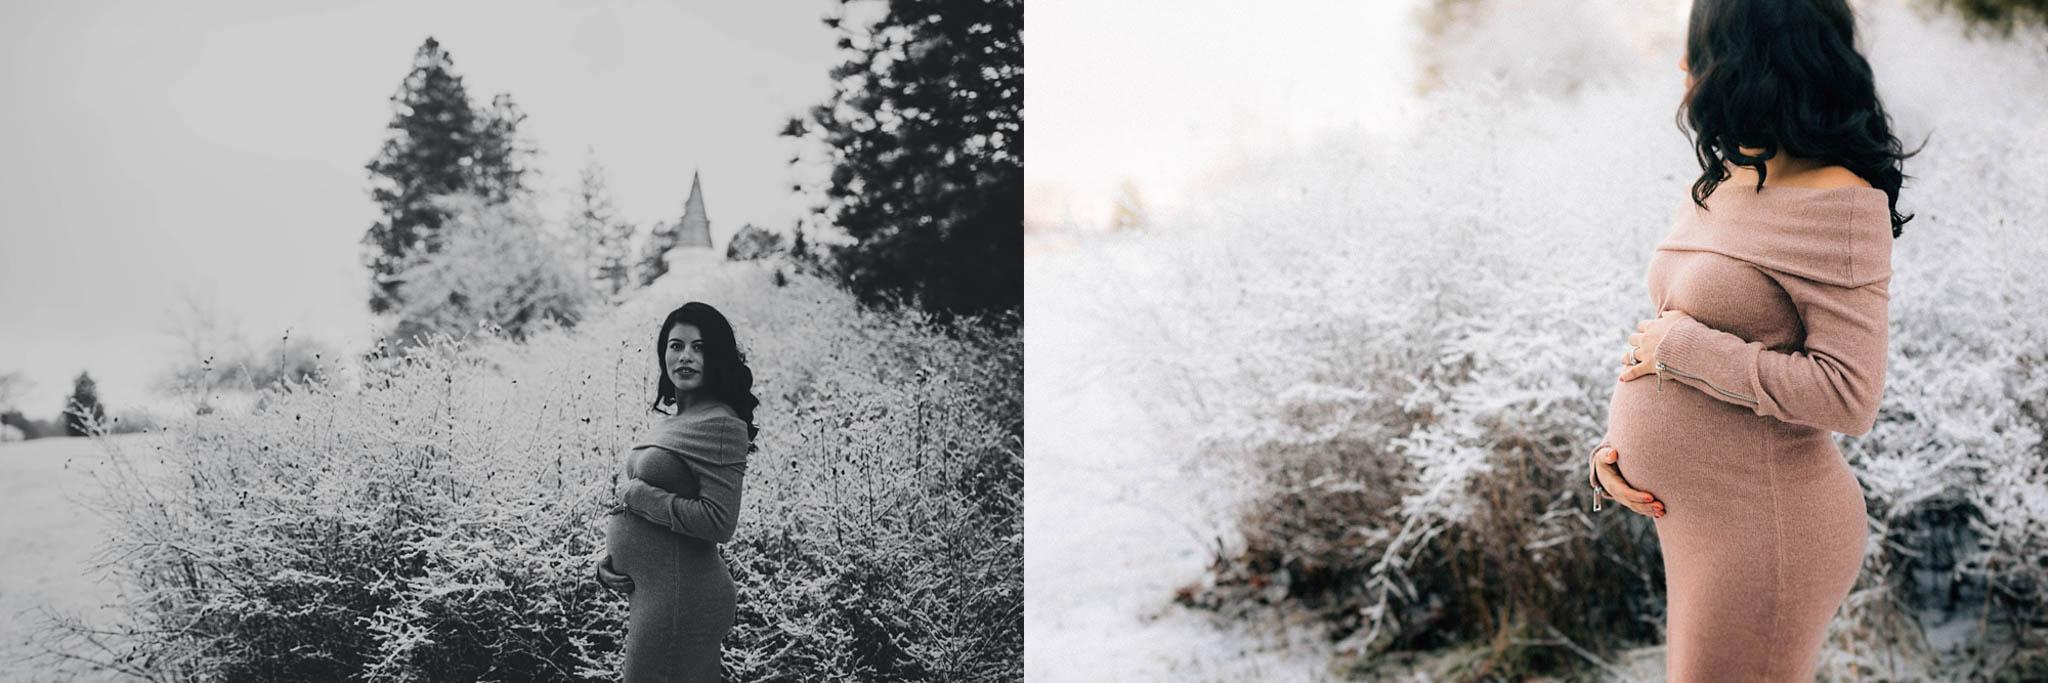 ashley vos seattle maternity wedding photographer lifestyle photography pnw-7.jpg